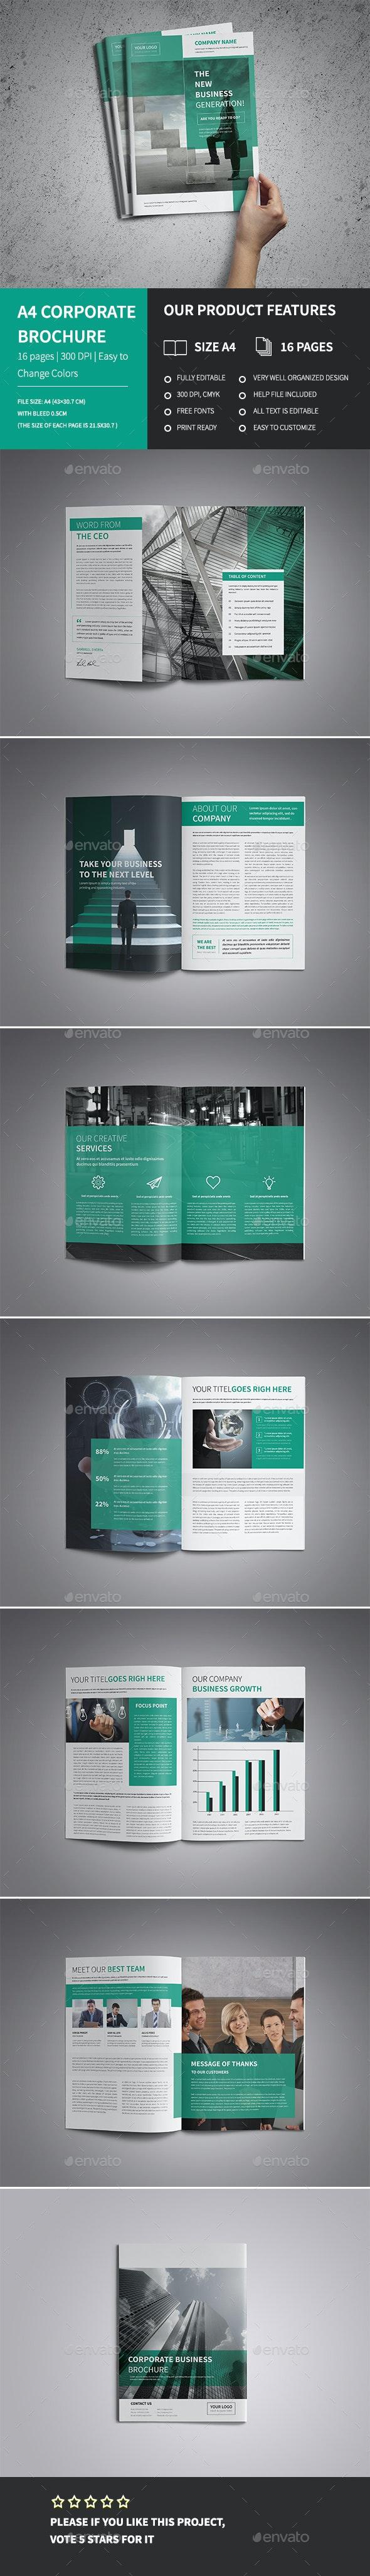 A4 Corporate Business Brochure Psd - Corporate Brochures